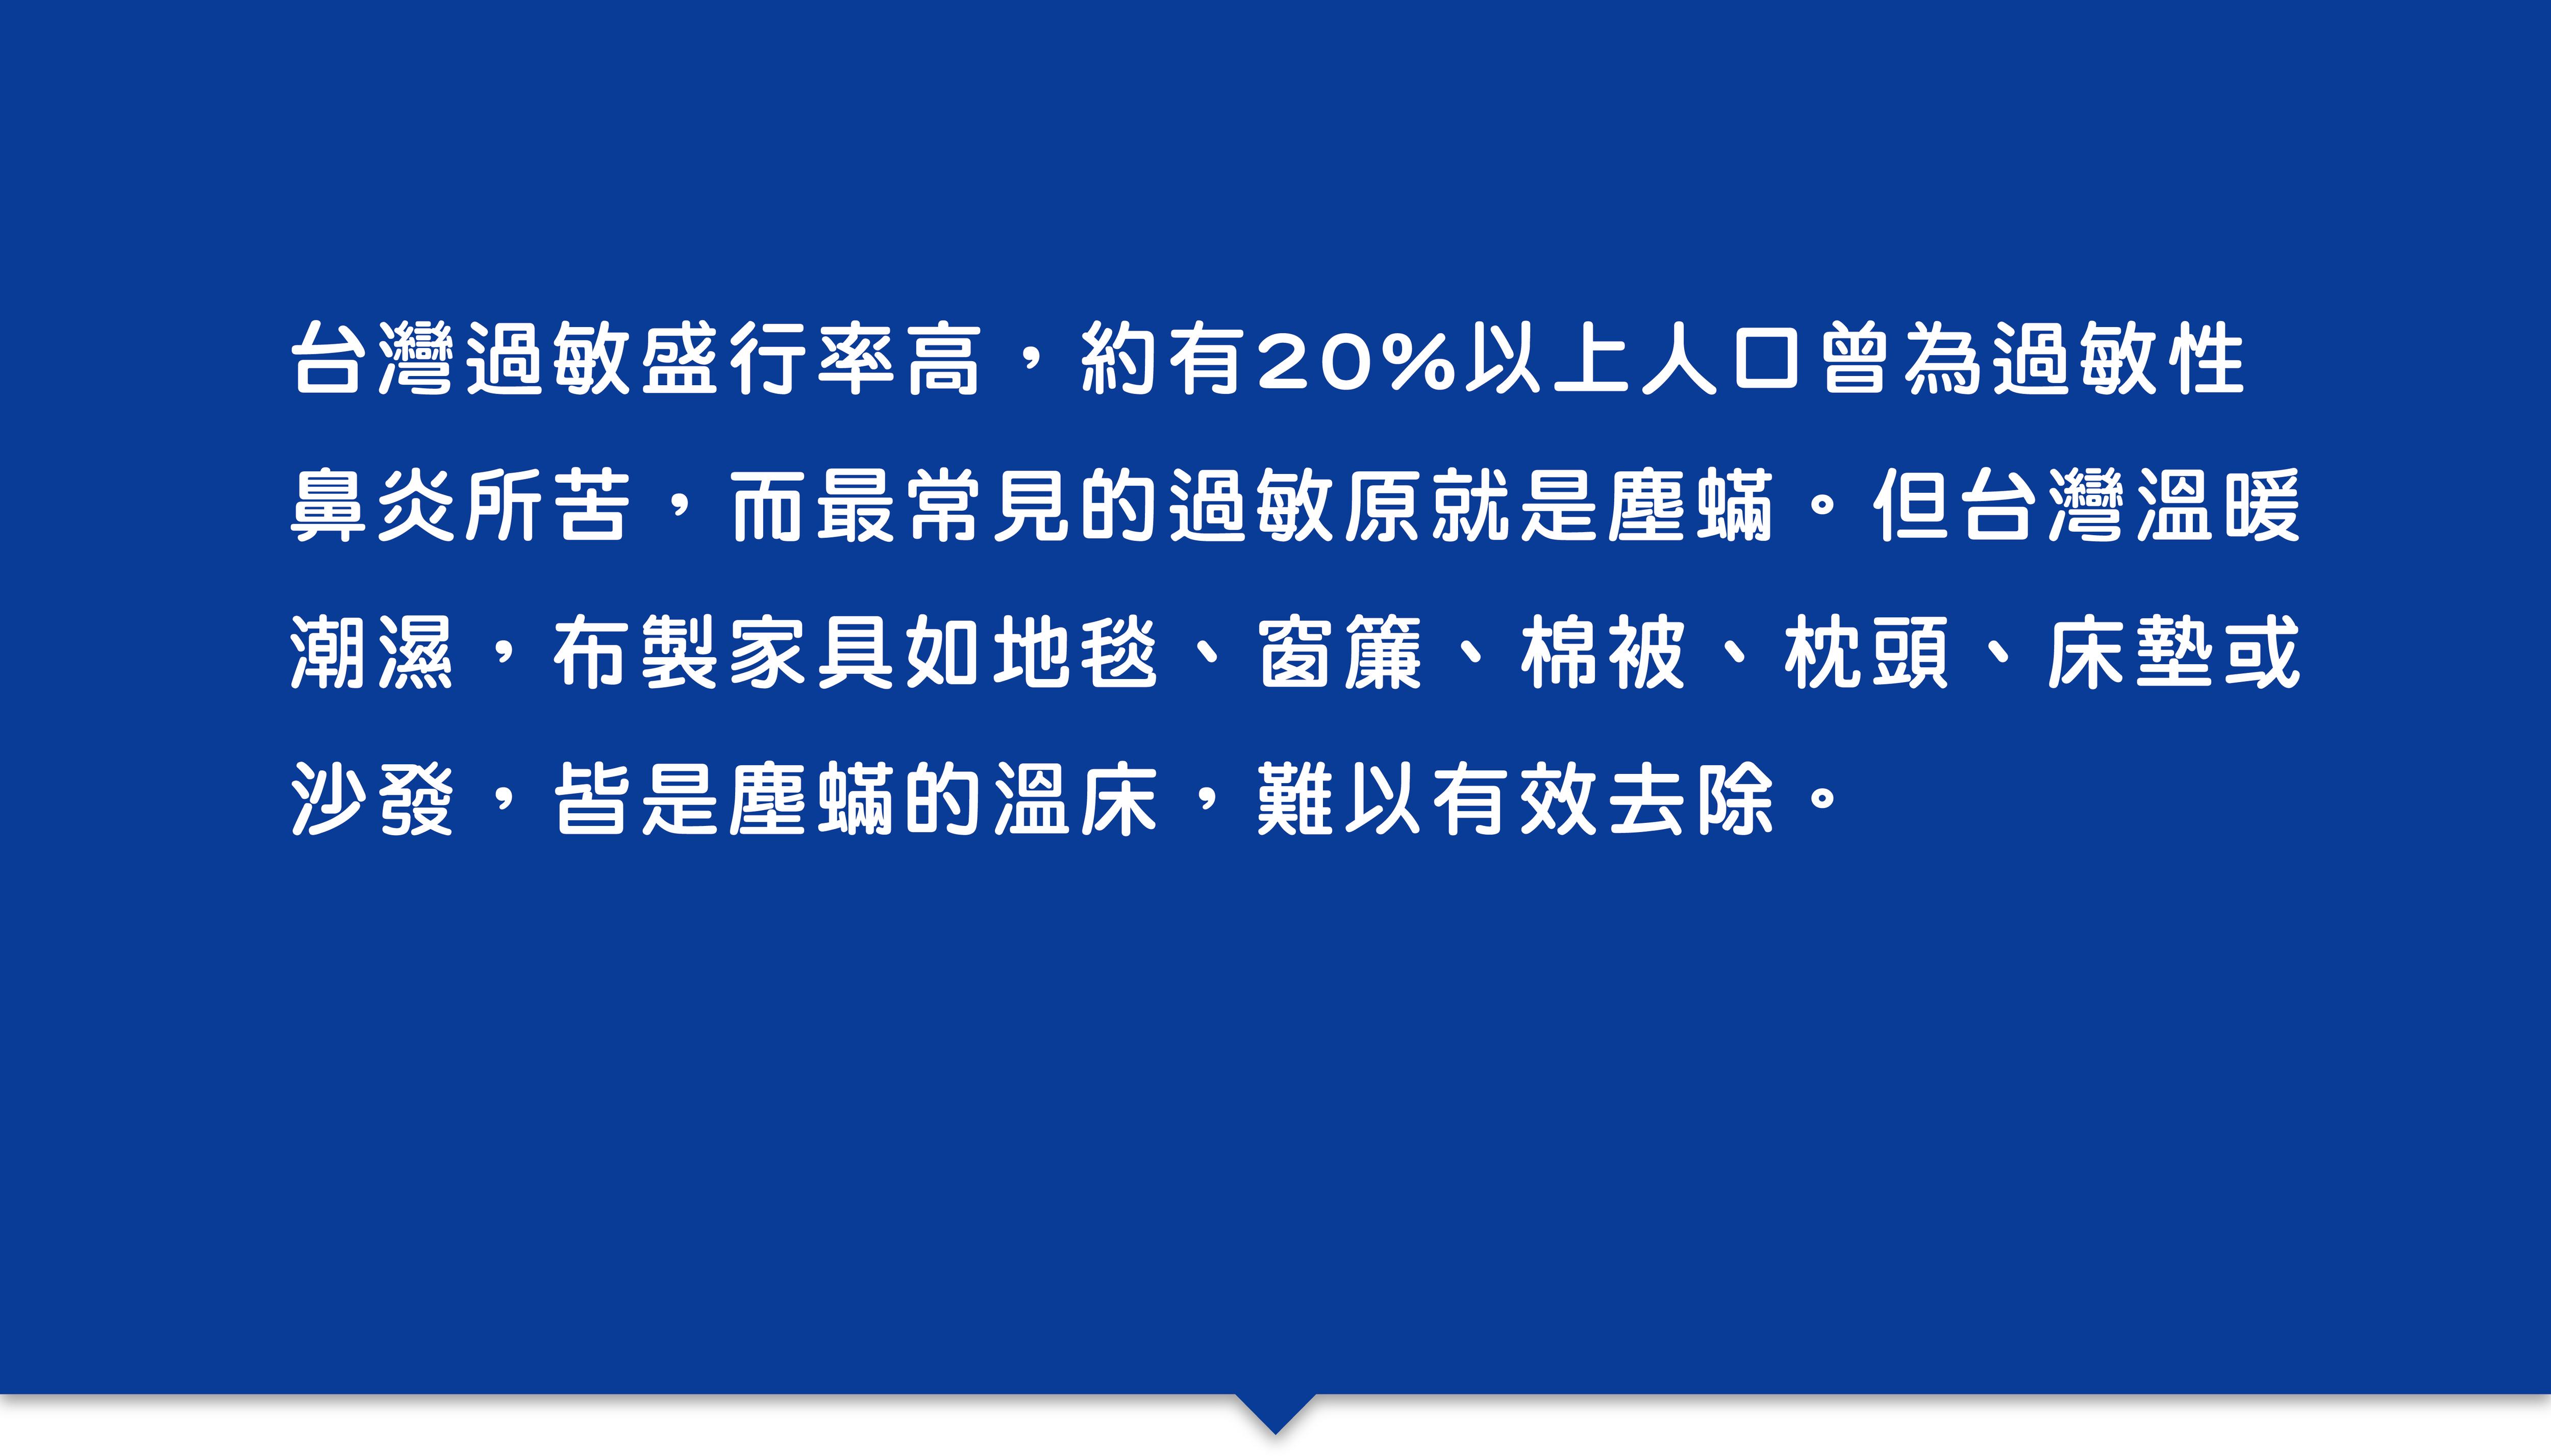 台灣過敏盛行率高,約有20%以上人口曾為過敏性鼻炎所苦,而最常見的過敏原就是塵蟎。但台灣溫暖潮濕,布製家具如地毯、窗簾、棉被、枕頭、床墊或沙發,皆是塵蟎的溫床,難以有效去除。